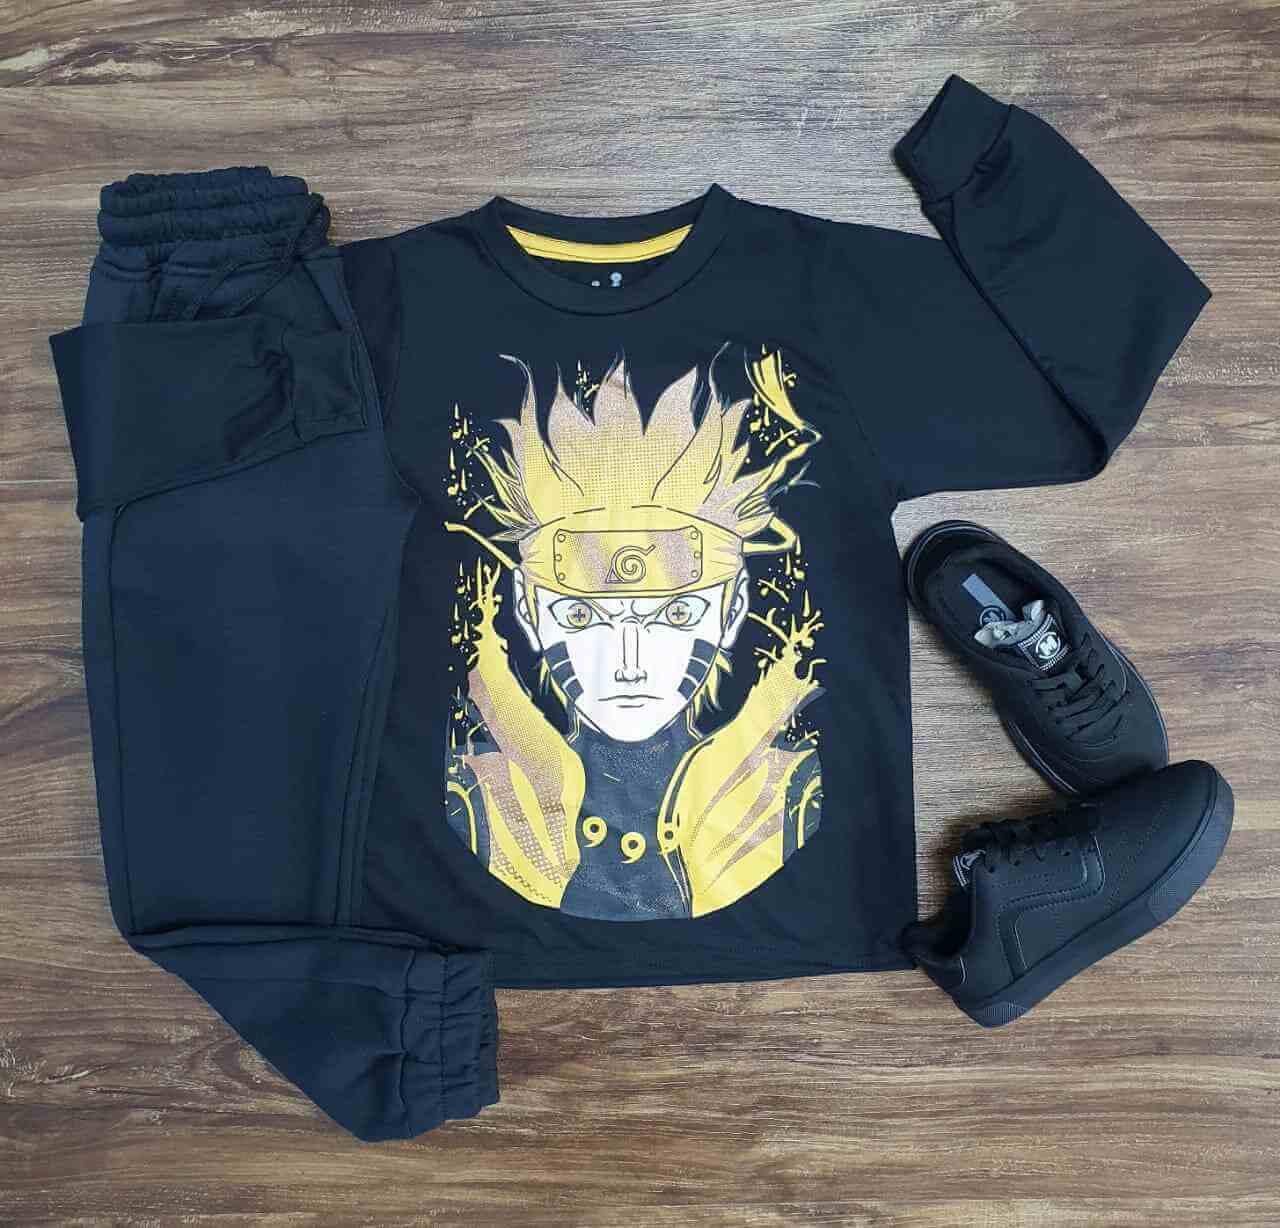 Camiseta Naruto Manga Longa com Calça Infantil